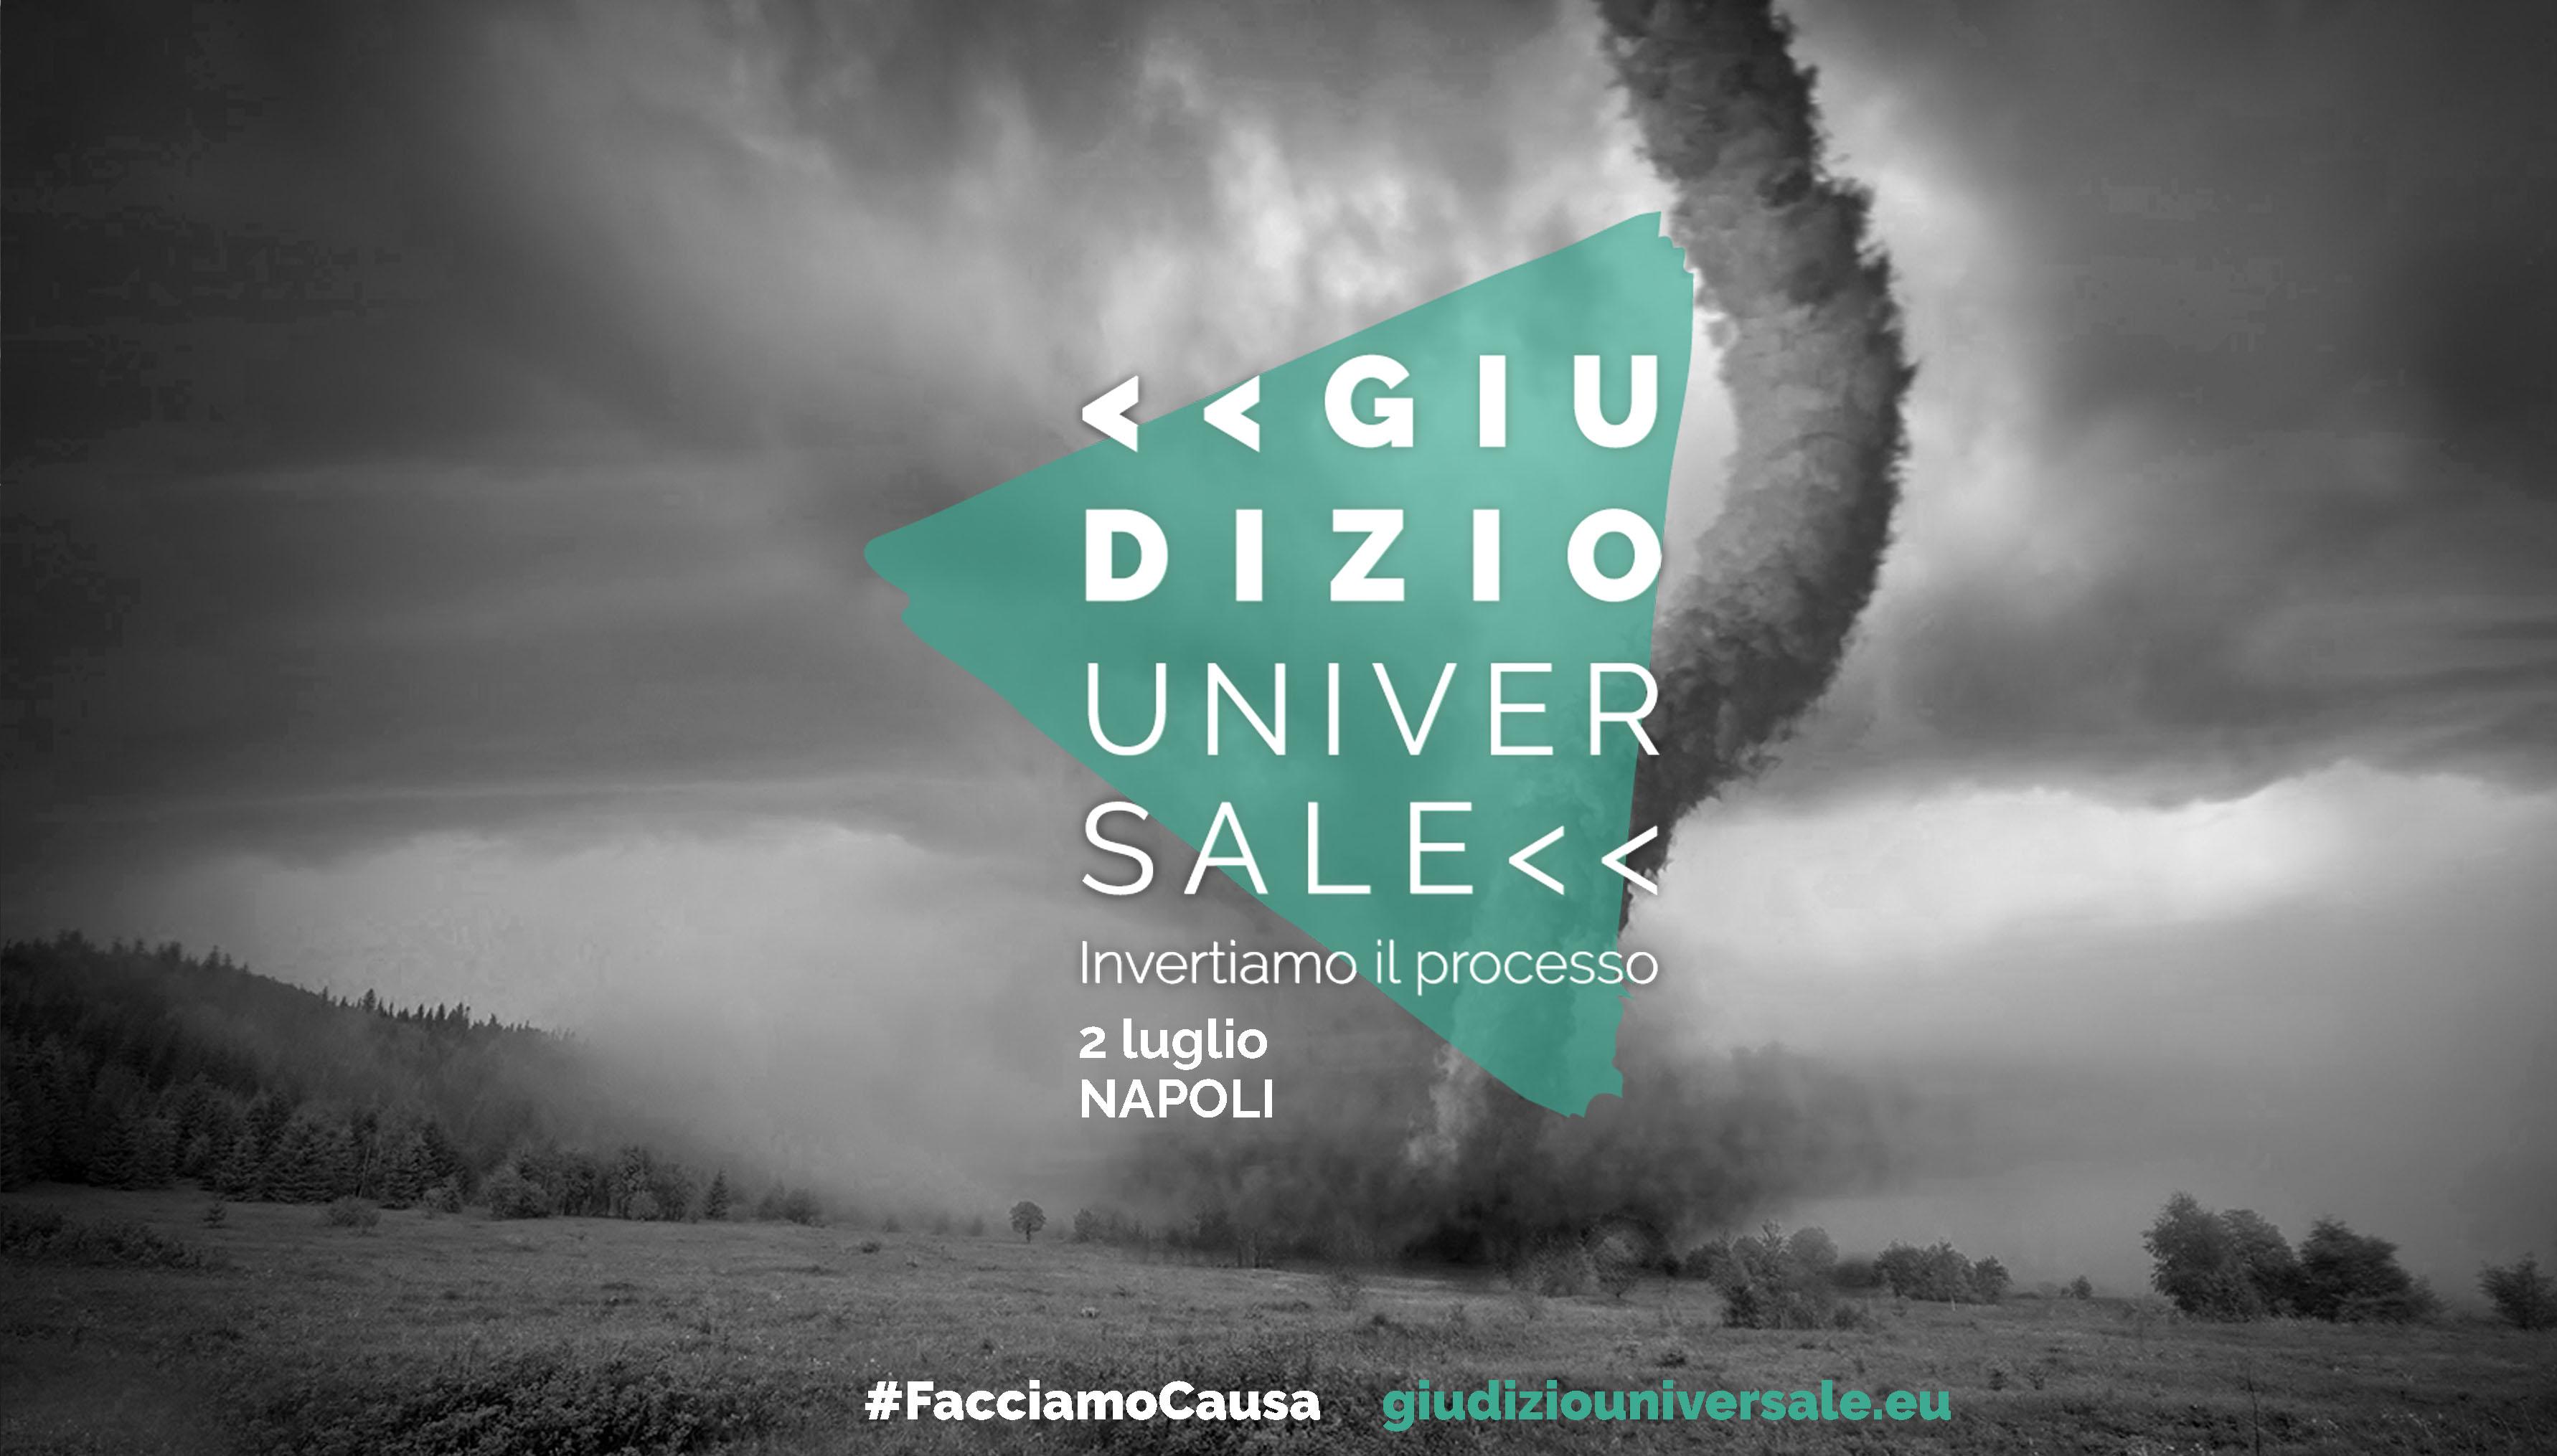 Giudizio Universale: incontriamoci a Napoli